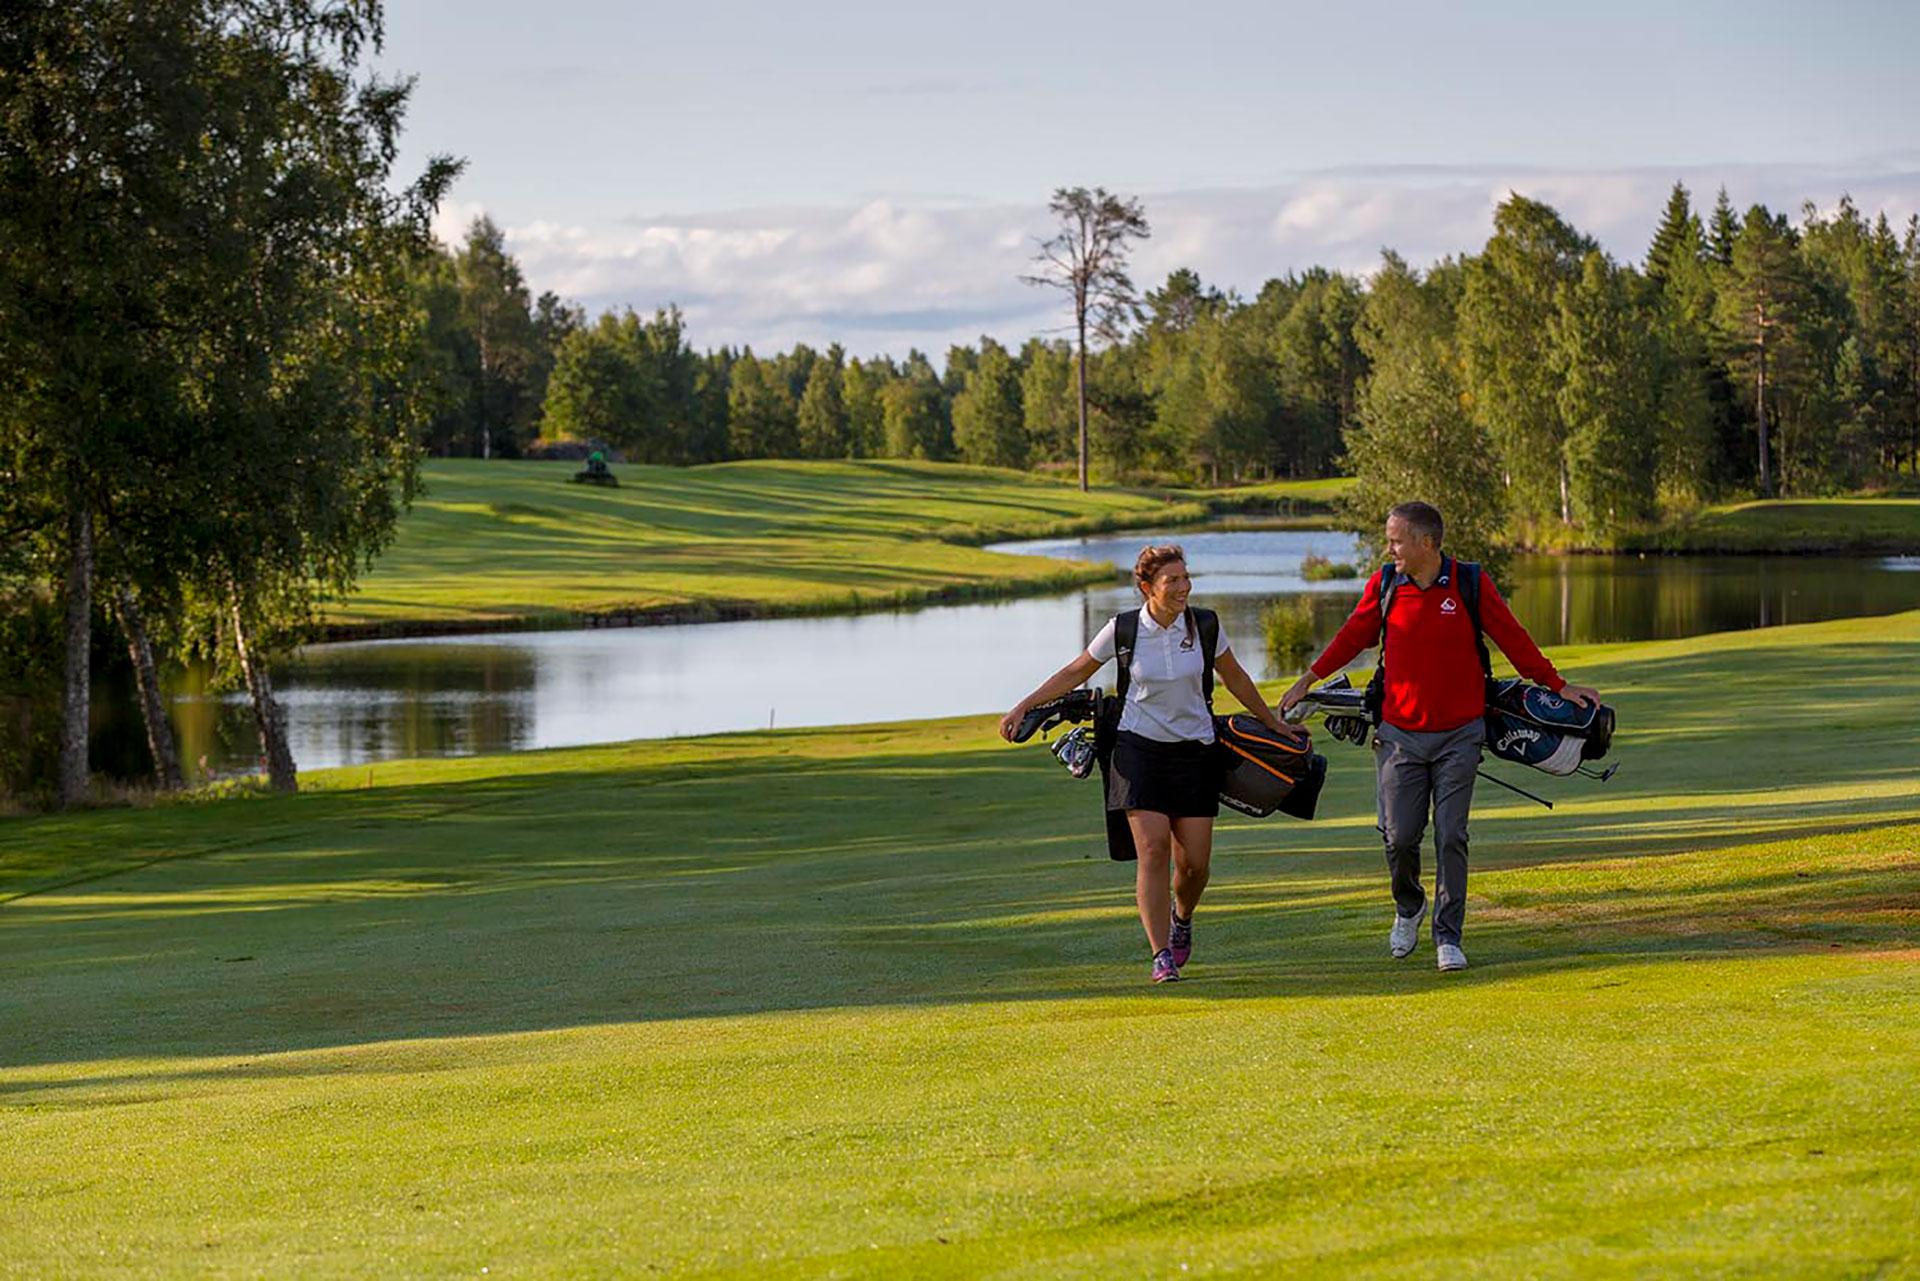 Boka tid på Umeå Golfklubb